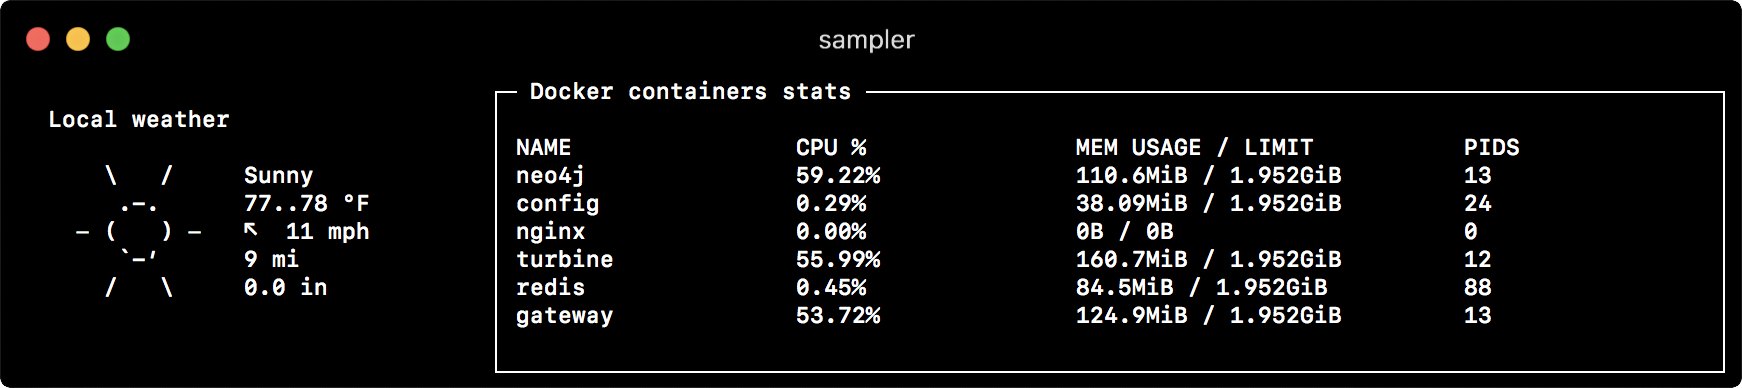 Sampler. Консольная утилита для визуализации результата любых shell команд - 6